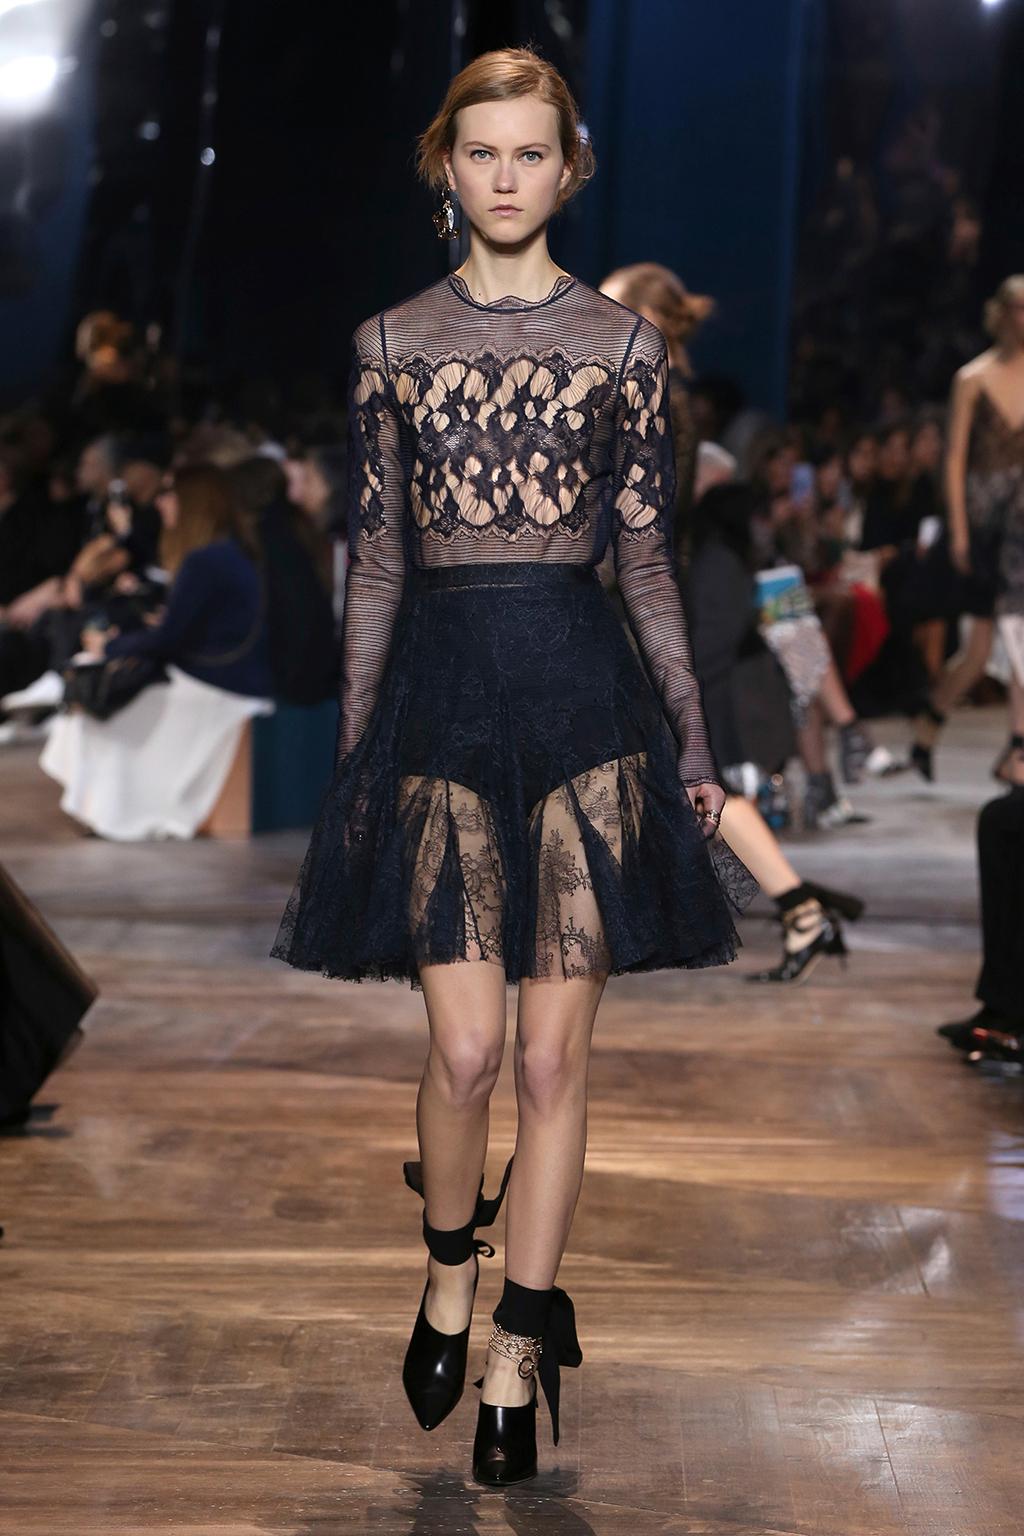 Dior-Couture-Silhouette-20